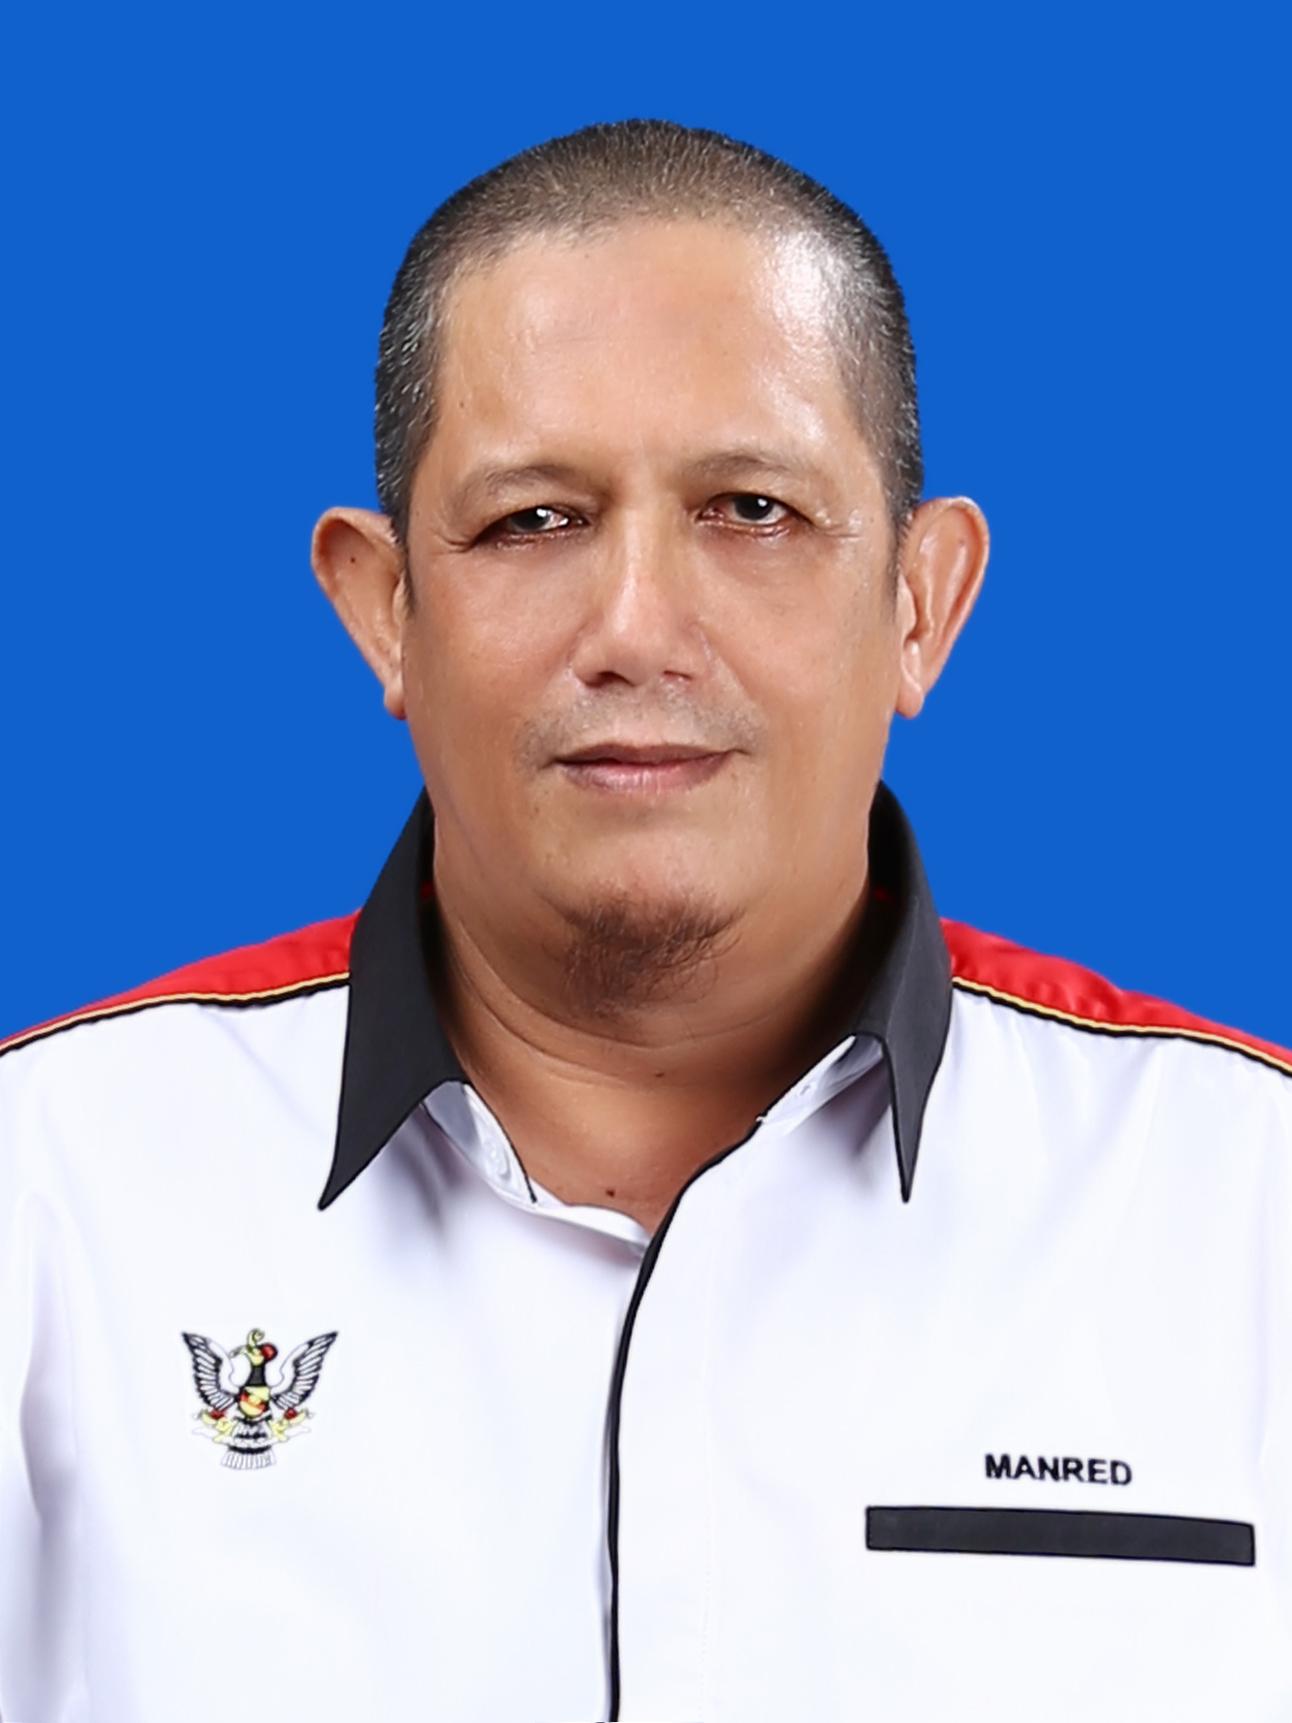 Wan Mustapha Bin Wan Abdul Rahman